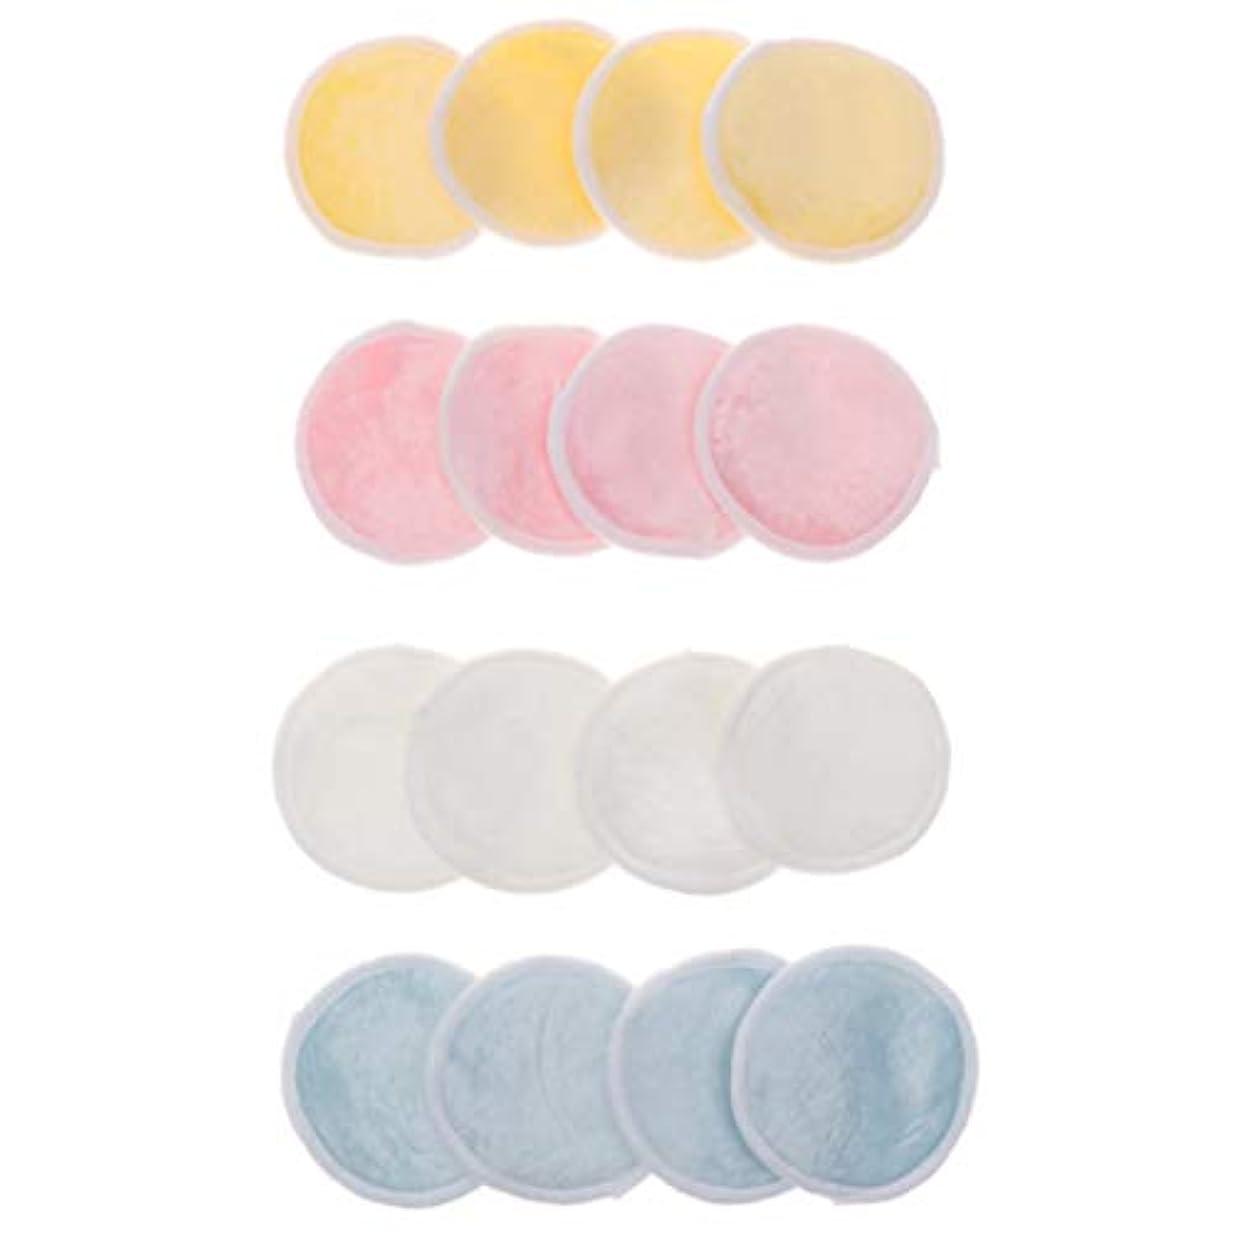 キリマンジャロ脅かす小さなKESOTO クレンジングシート 化粧落としパッド メイク落としコットン 再使用可 化粧用 持ち運びに便利 16個入